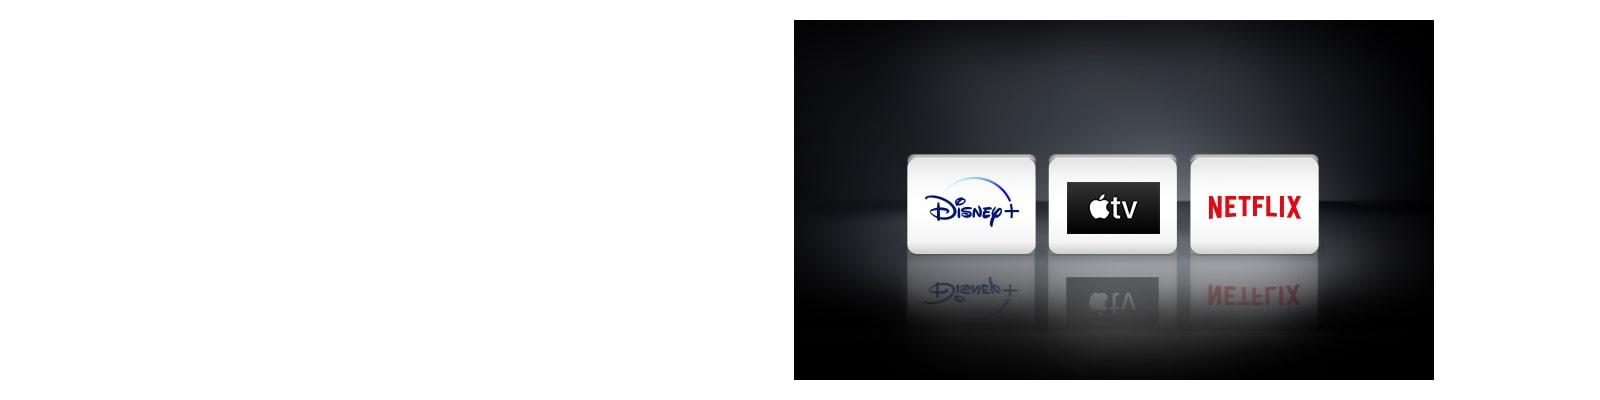 Het Netflix-logo, het Disney+-logo en het Apple TV-logo zijn horizontaal gerangschikt op de zwarte achtergrond.